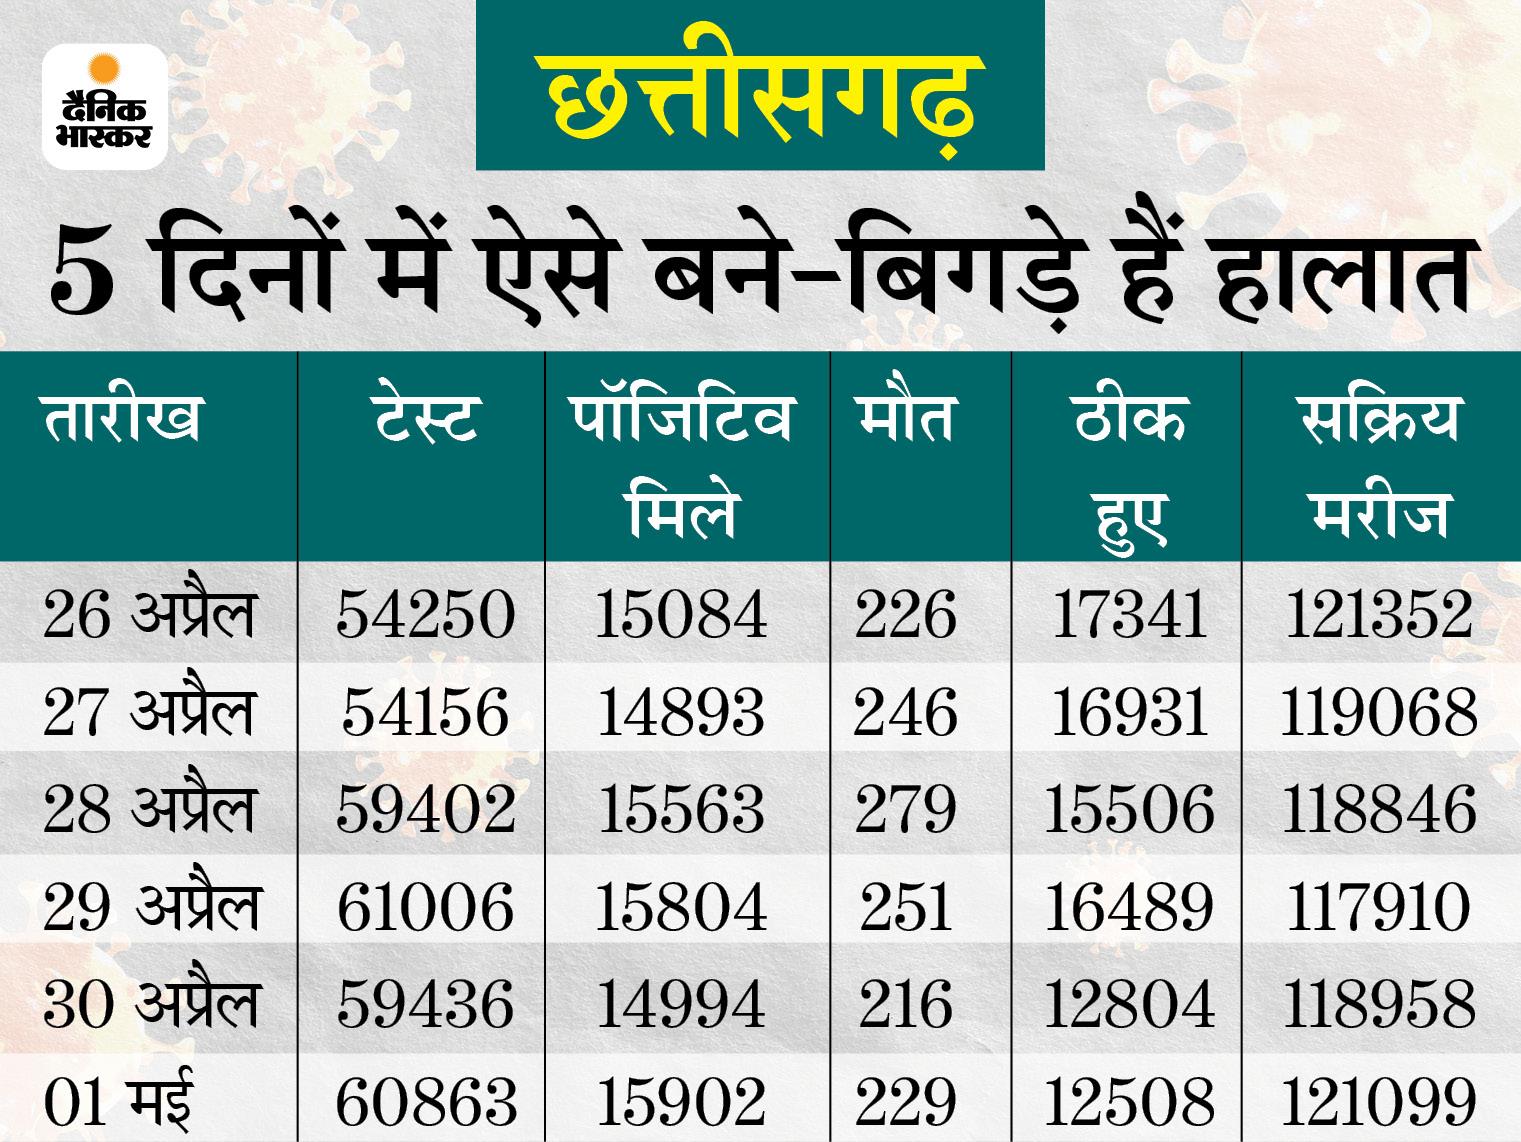 पिछले 24 घंटे में कोरोना के 15,902 नए केस मिले, संक्रमण से 229 लोगों की मौत रायपुर,Raipur - Dainik Bhaskar